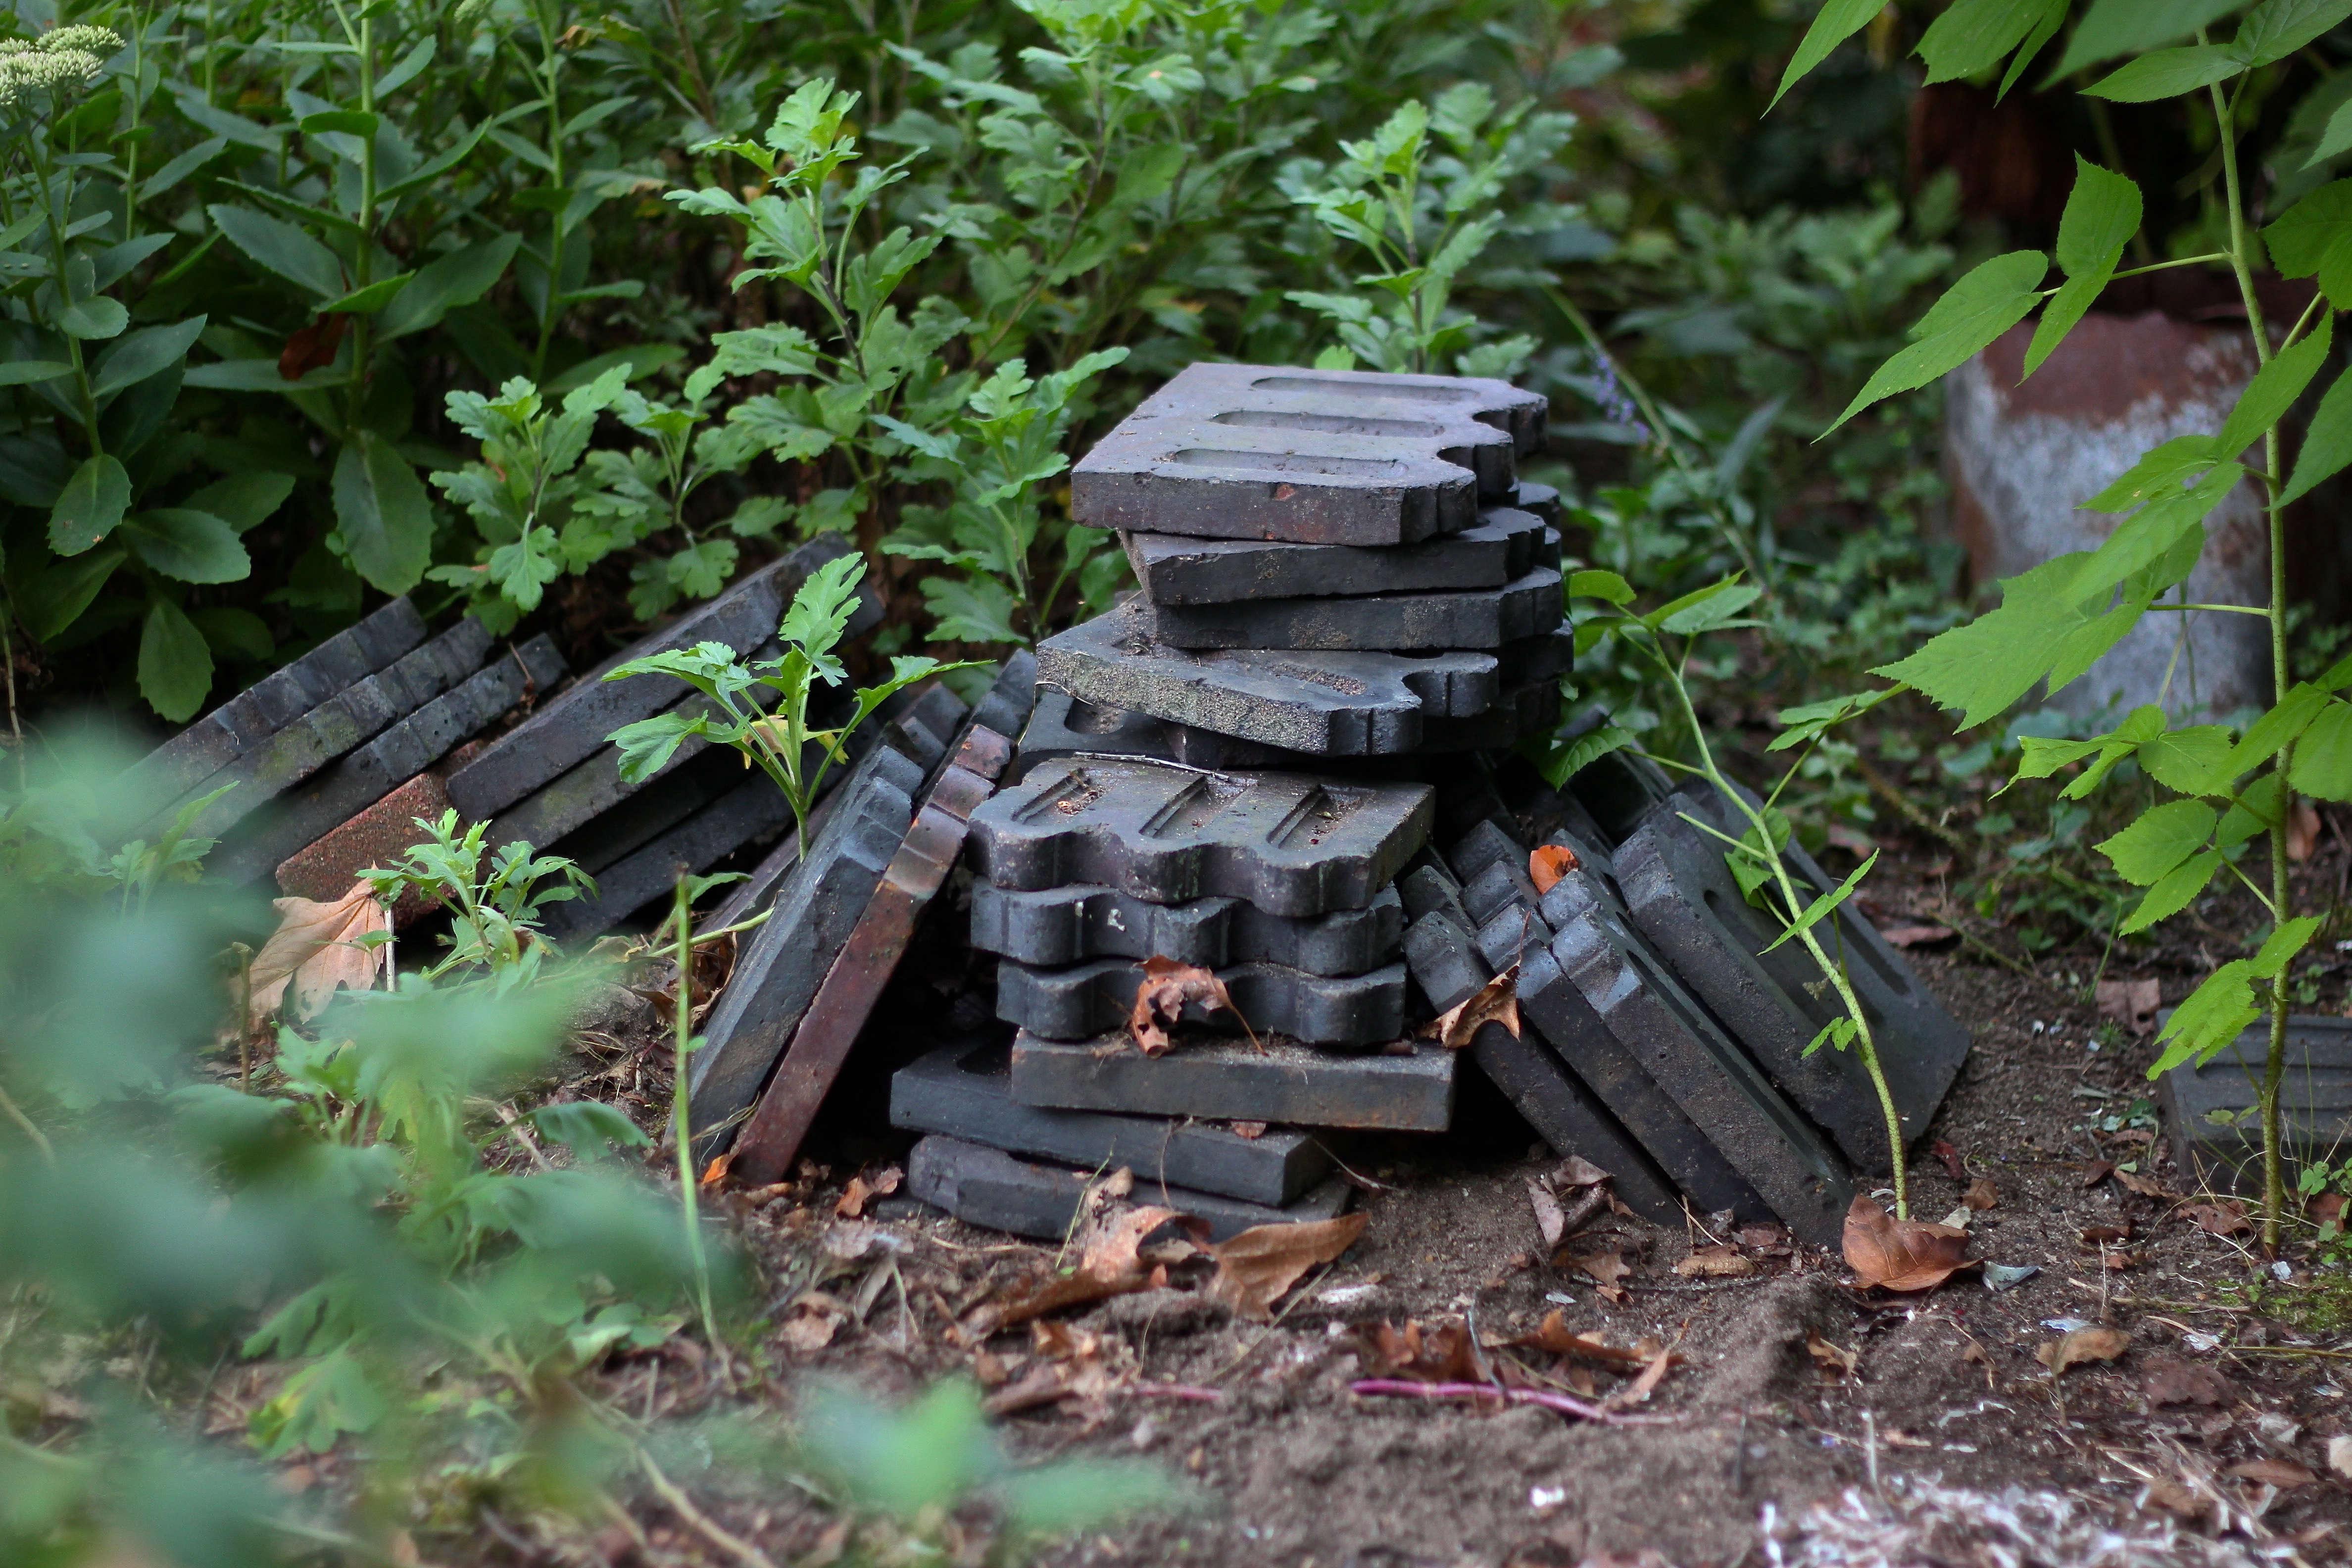 A pile of English Garden tiles awaits a more permanent home.